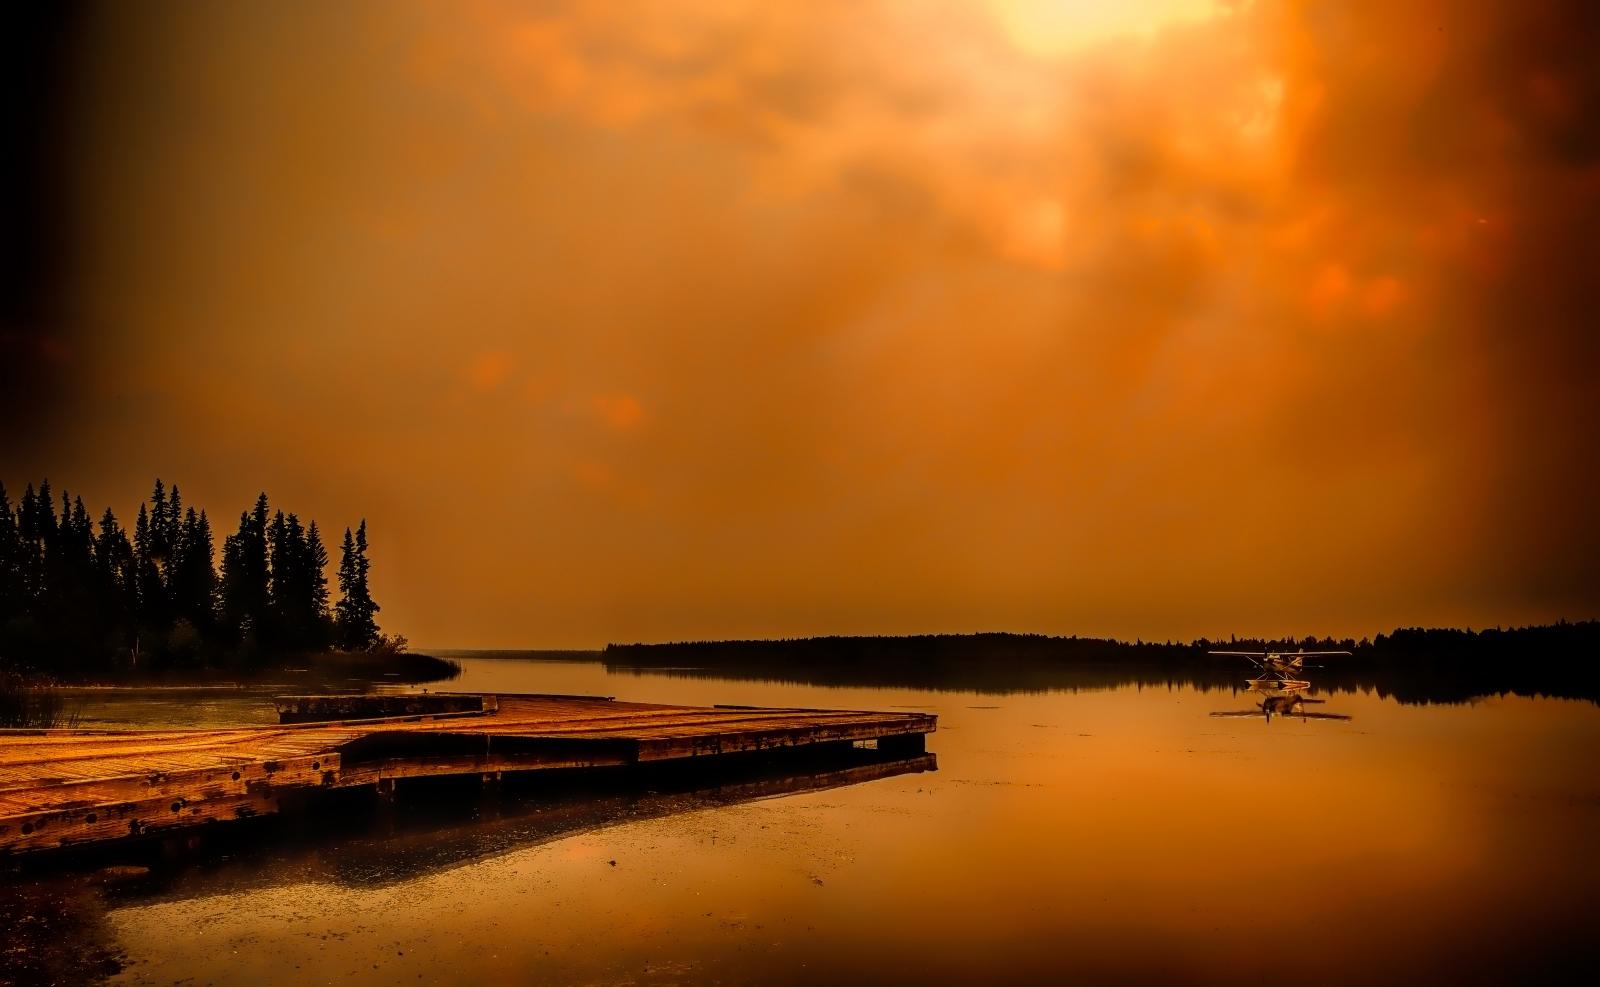 ผลการค้นหารูปภาพสำหรับ anchorage canada sunset hdr